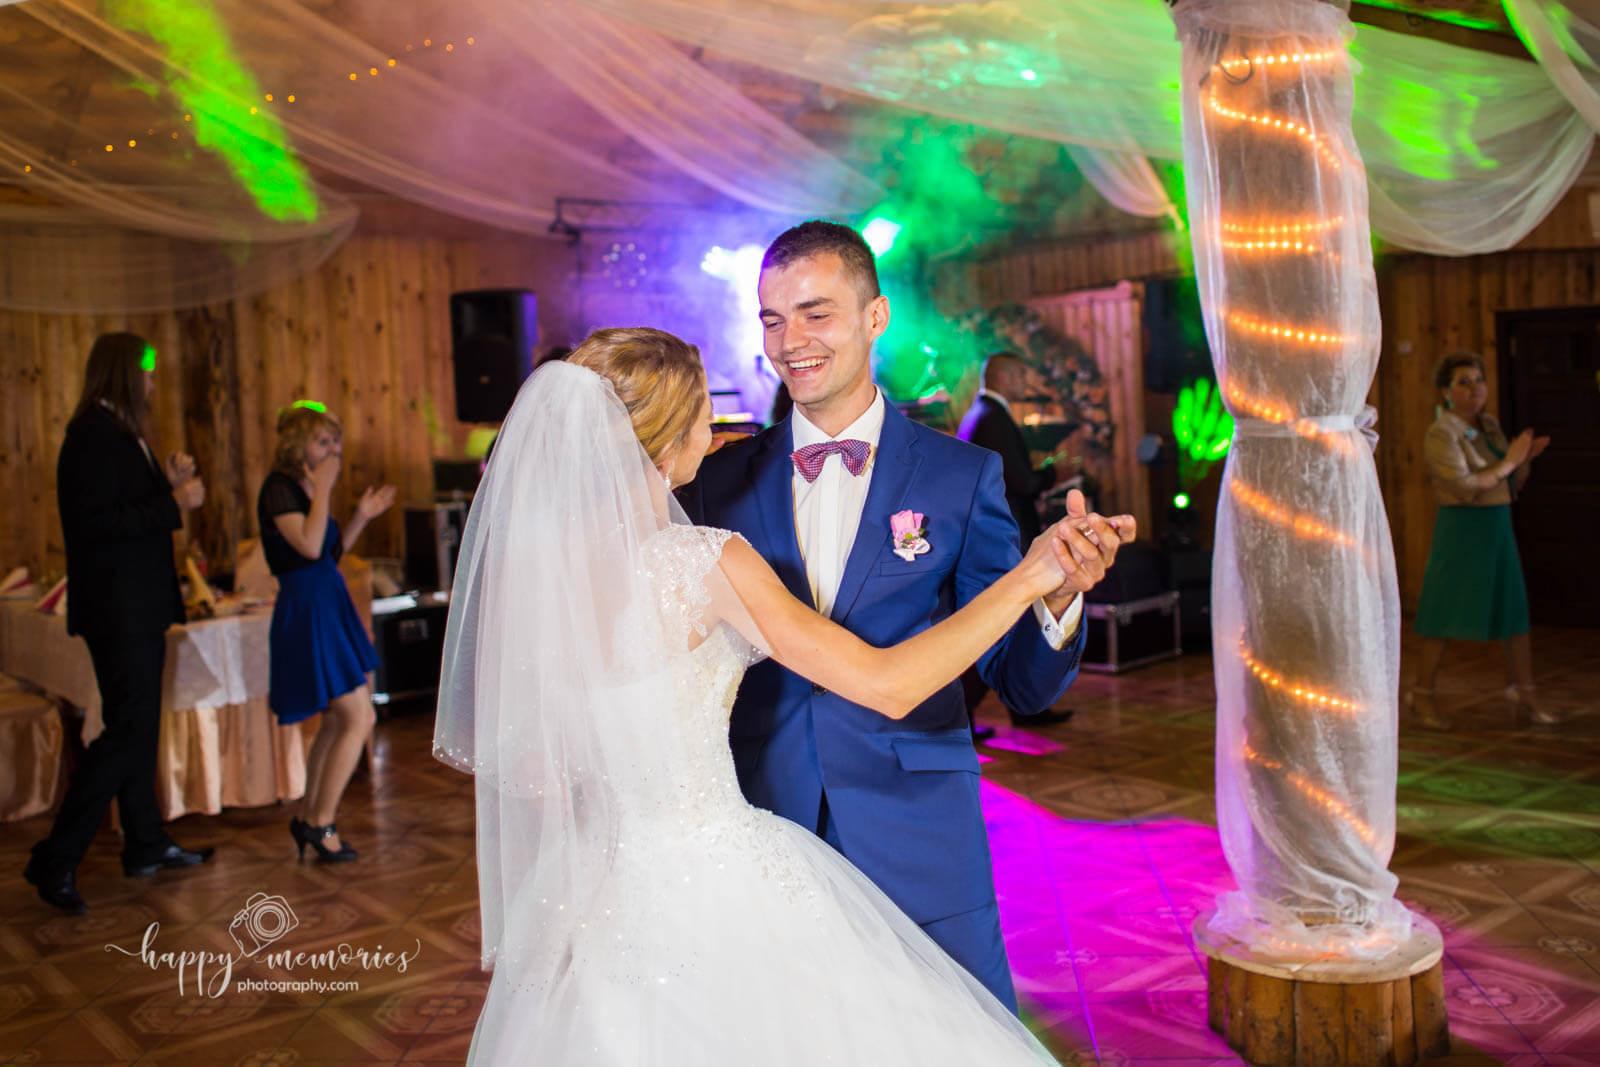 Wedding photographer Horsham-25